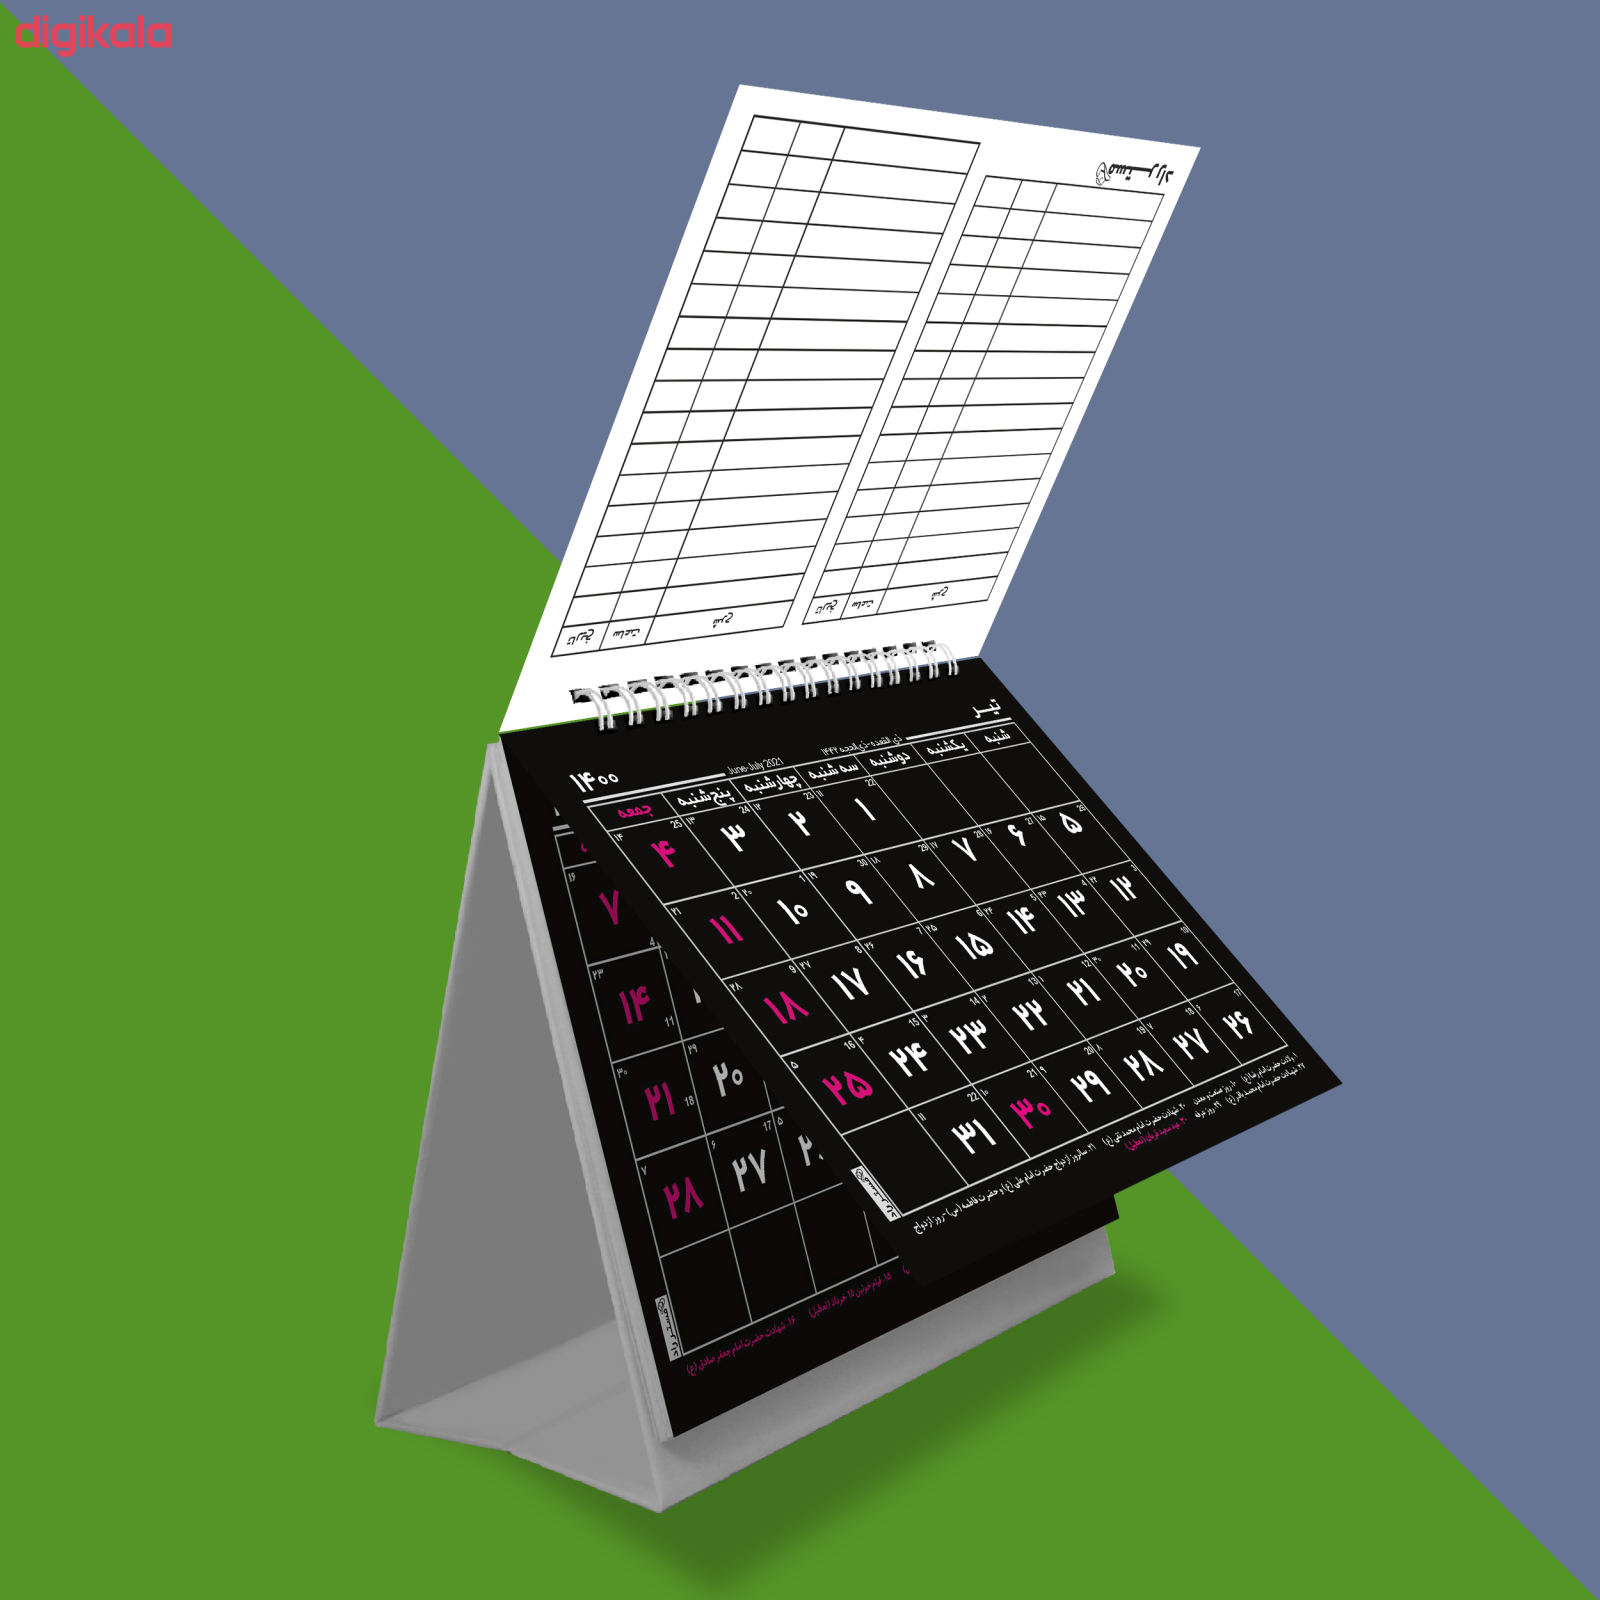 تقویم رومیزیسال 1400  مستر راد مدل endar 2021 کد s20 main 1 4